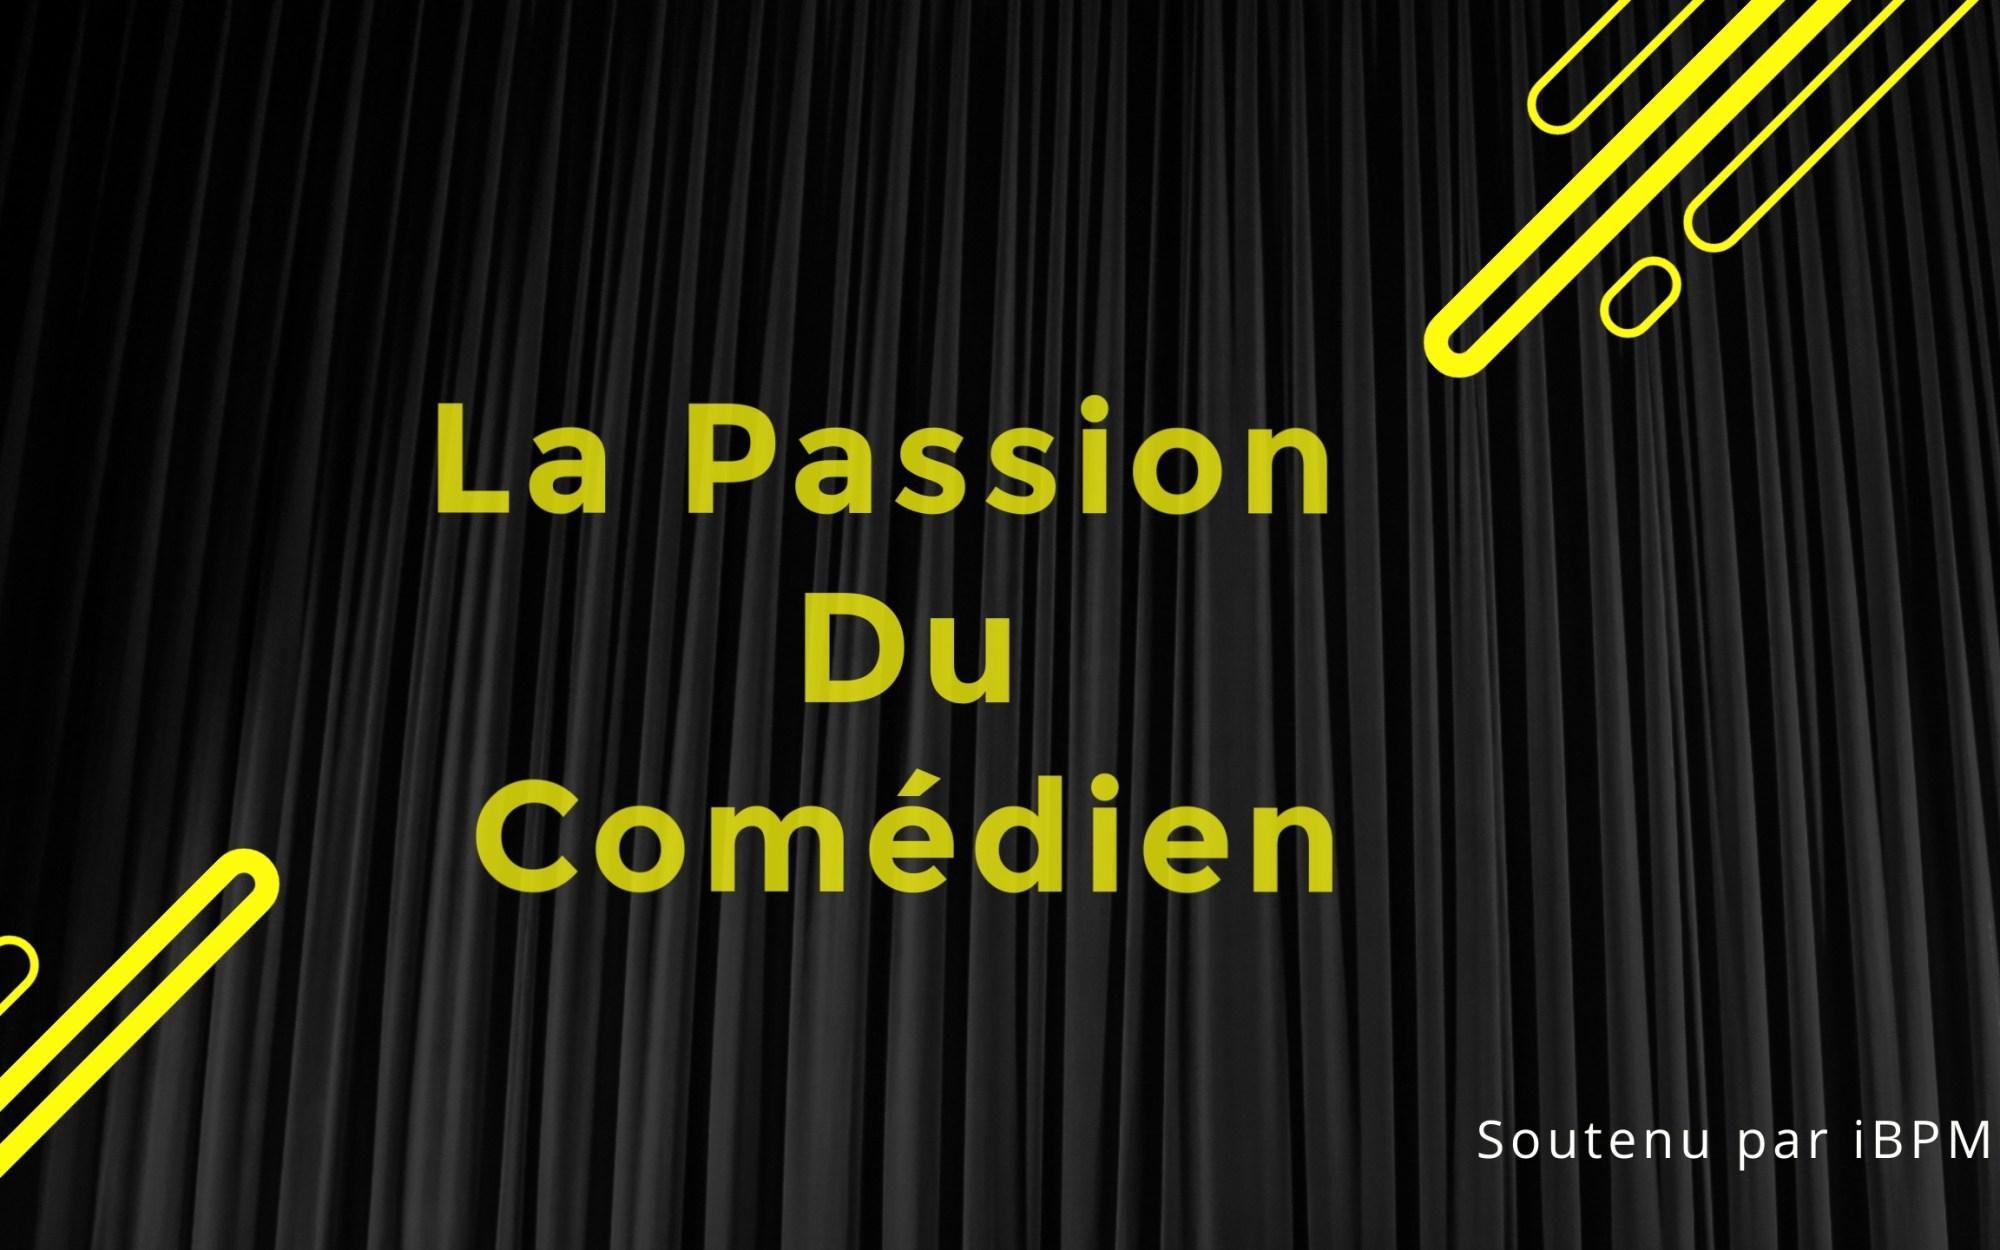 La passion du comédien - iBPM